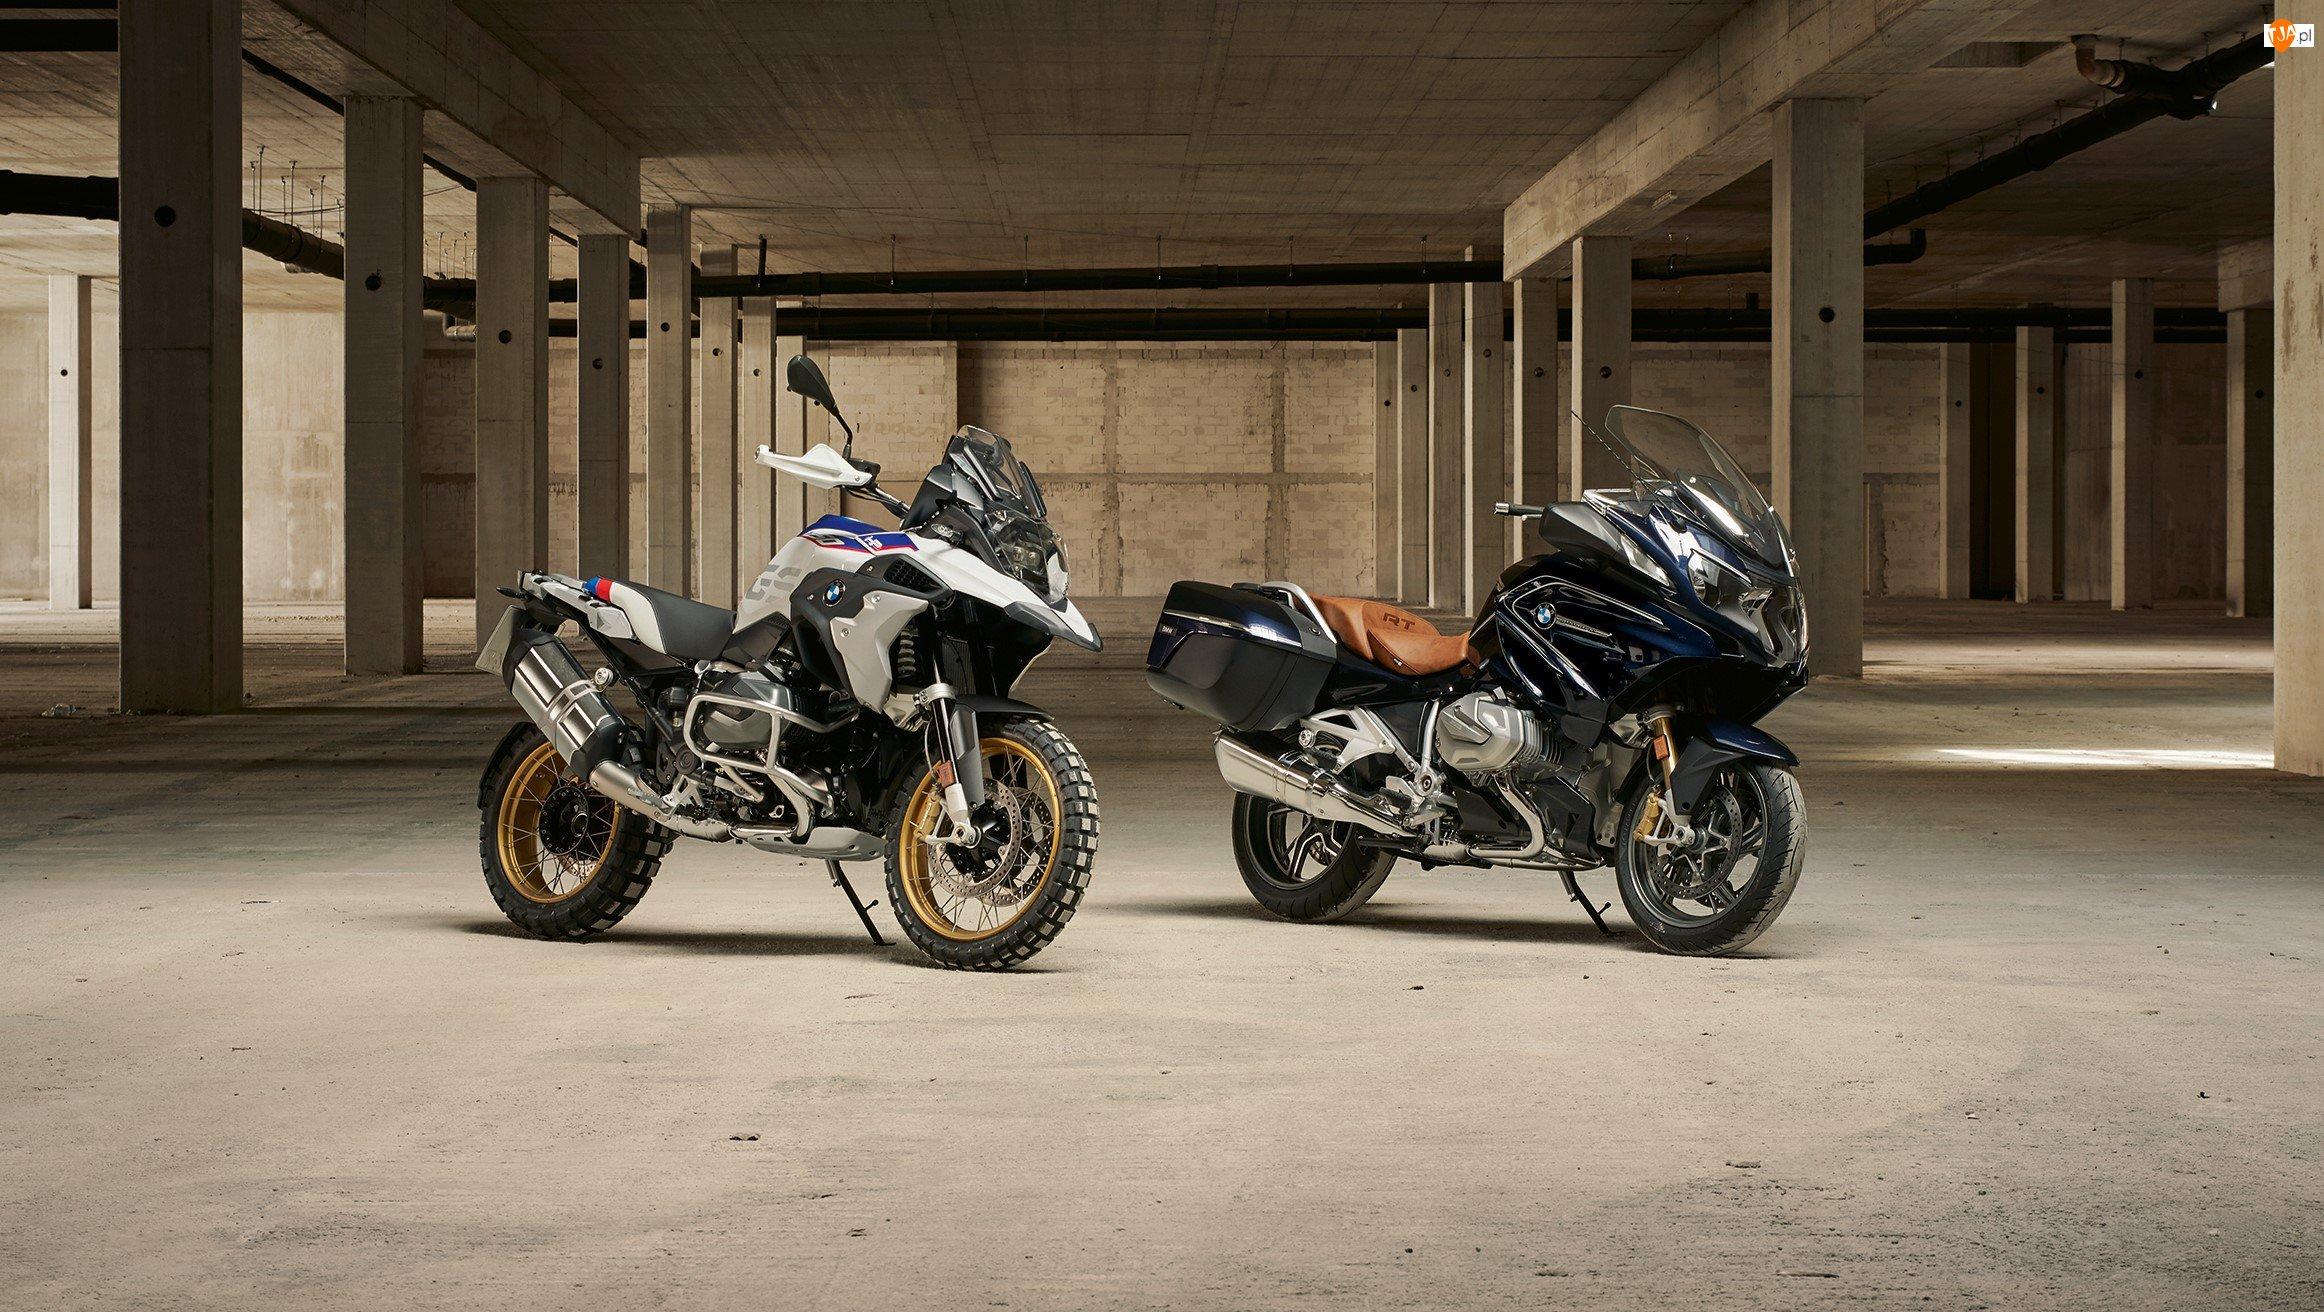 BMW R 1250 GT, Dwa, Motocykle, BMW R 1250 GS